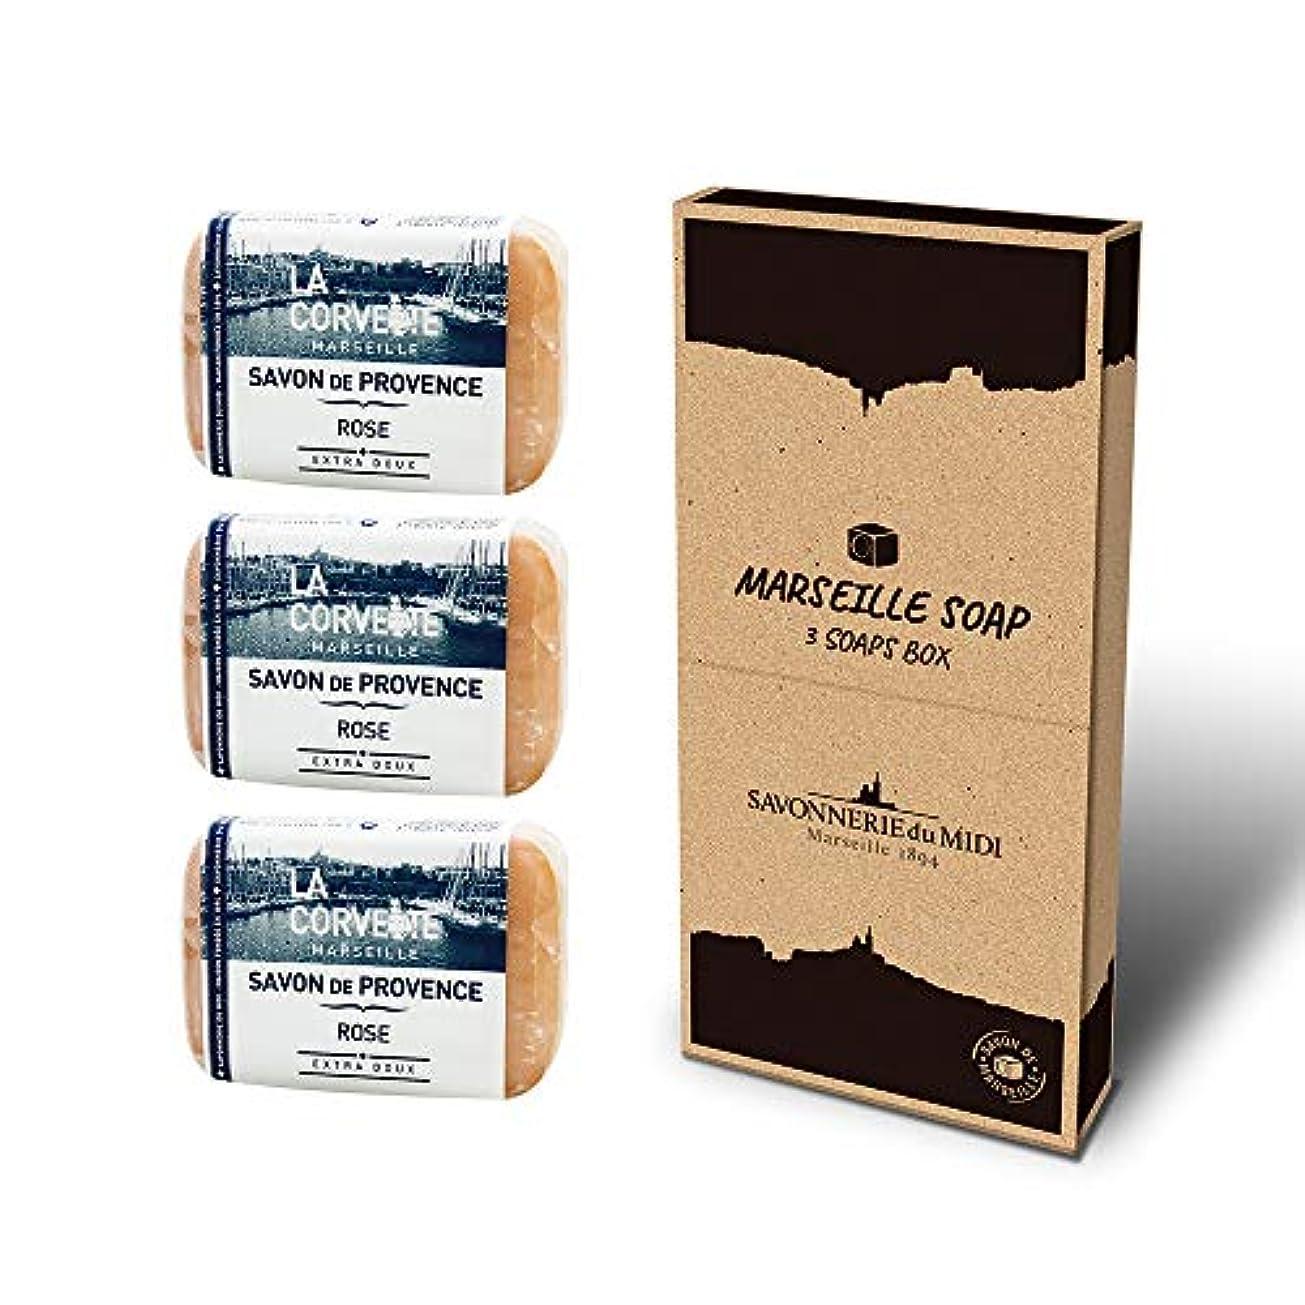 選択洗う分類マルセイユソープ 3Soaps BOX ローズ